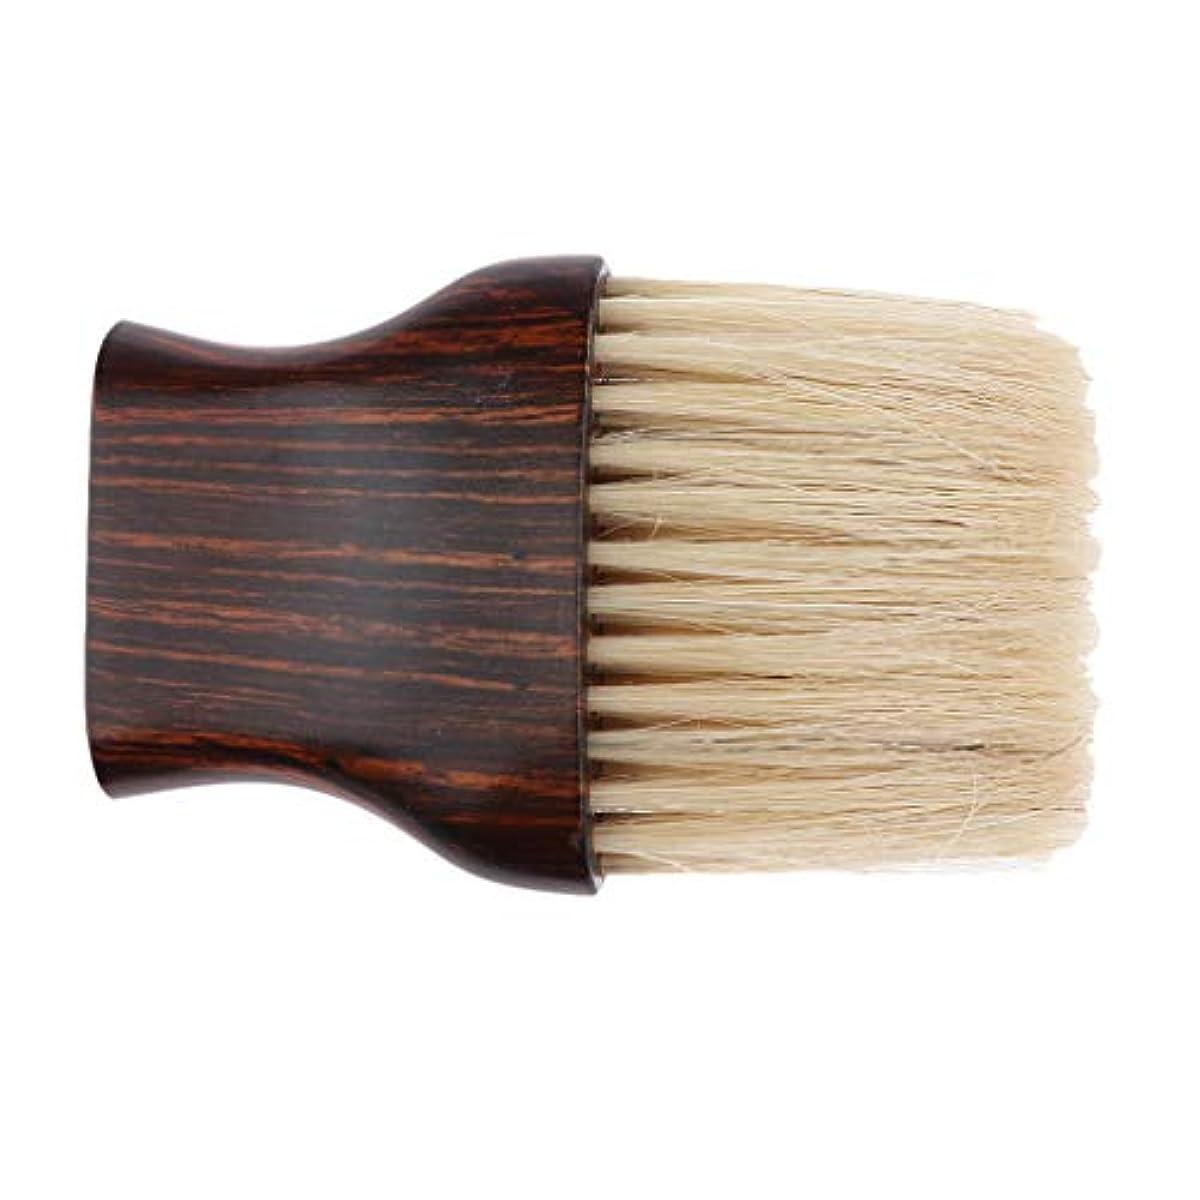 DYNWAVE 理髪 ネックダスターブラシ クリーニング ヘアブラシ ヘアスイープブラシ サロンヘアカット ツール